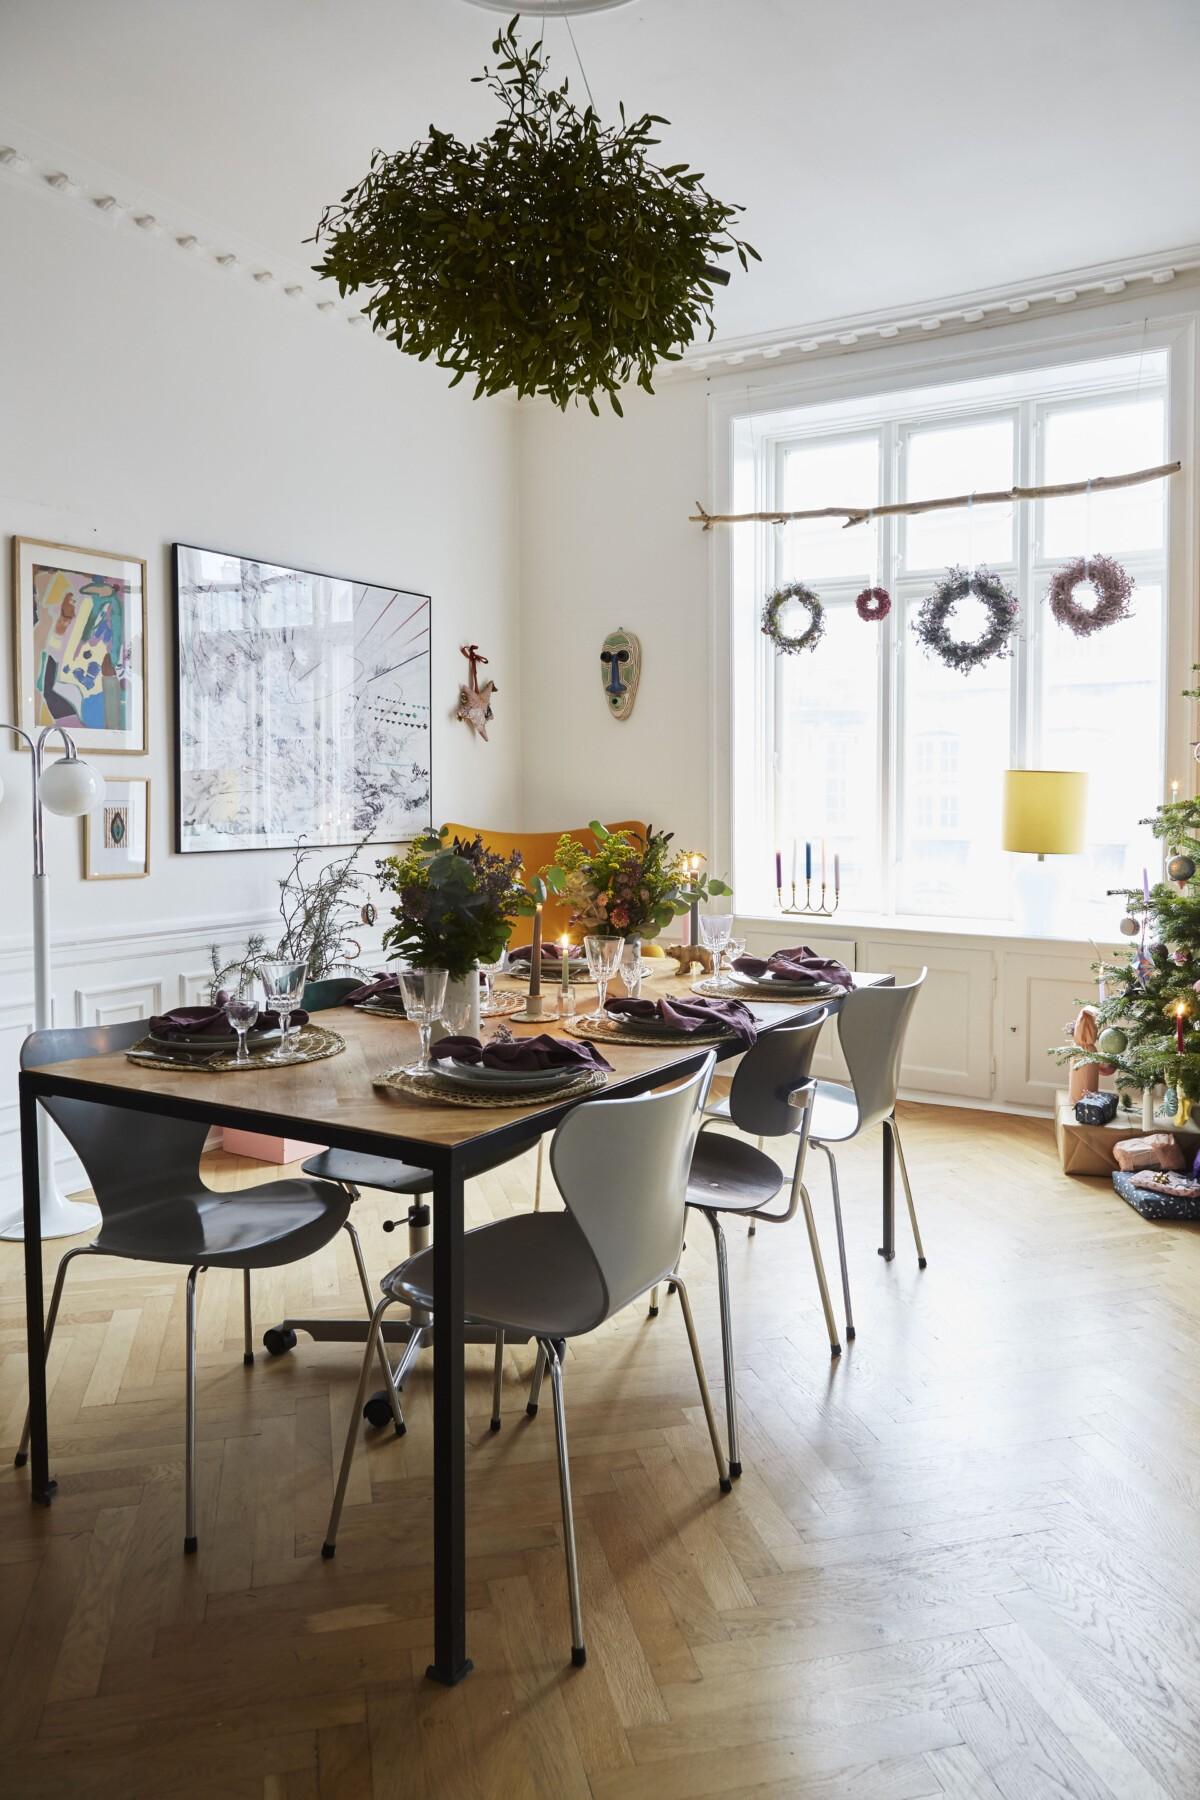 Nochebuena y navidad 2020, solos en casa sanos y felices